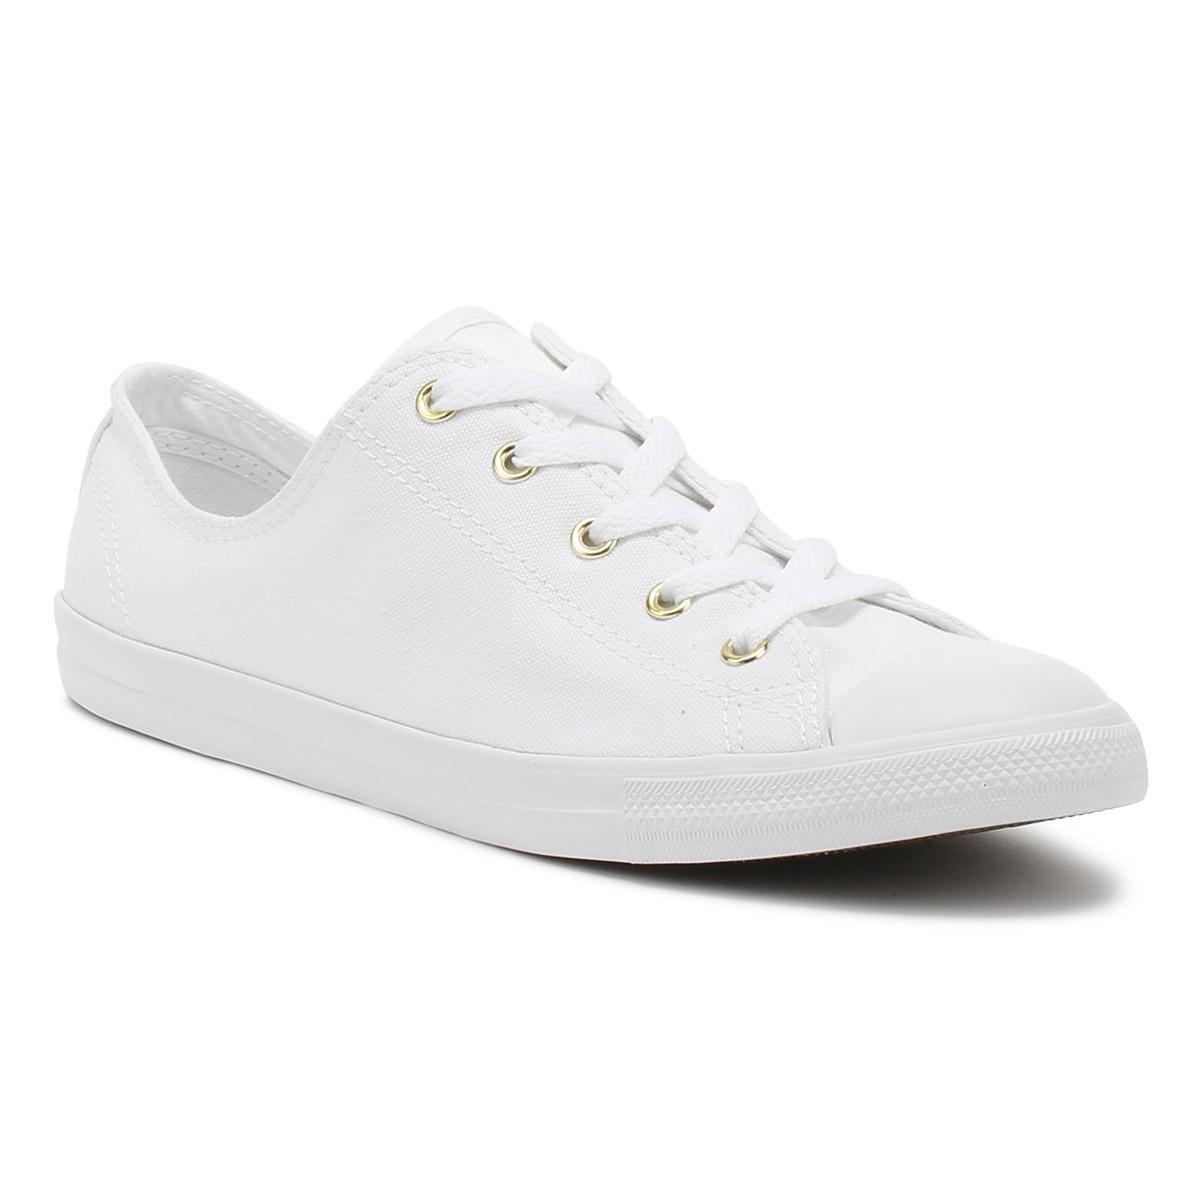 8b3590aeada3a8 Converse. Chuck Taylor All Star Womens White   Gold Dainty Ox Trainers